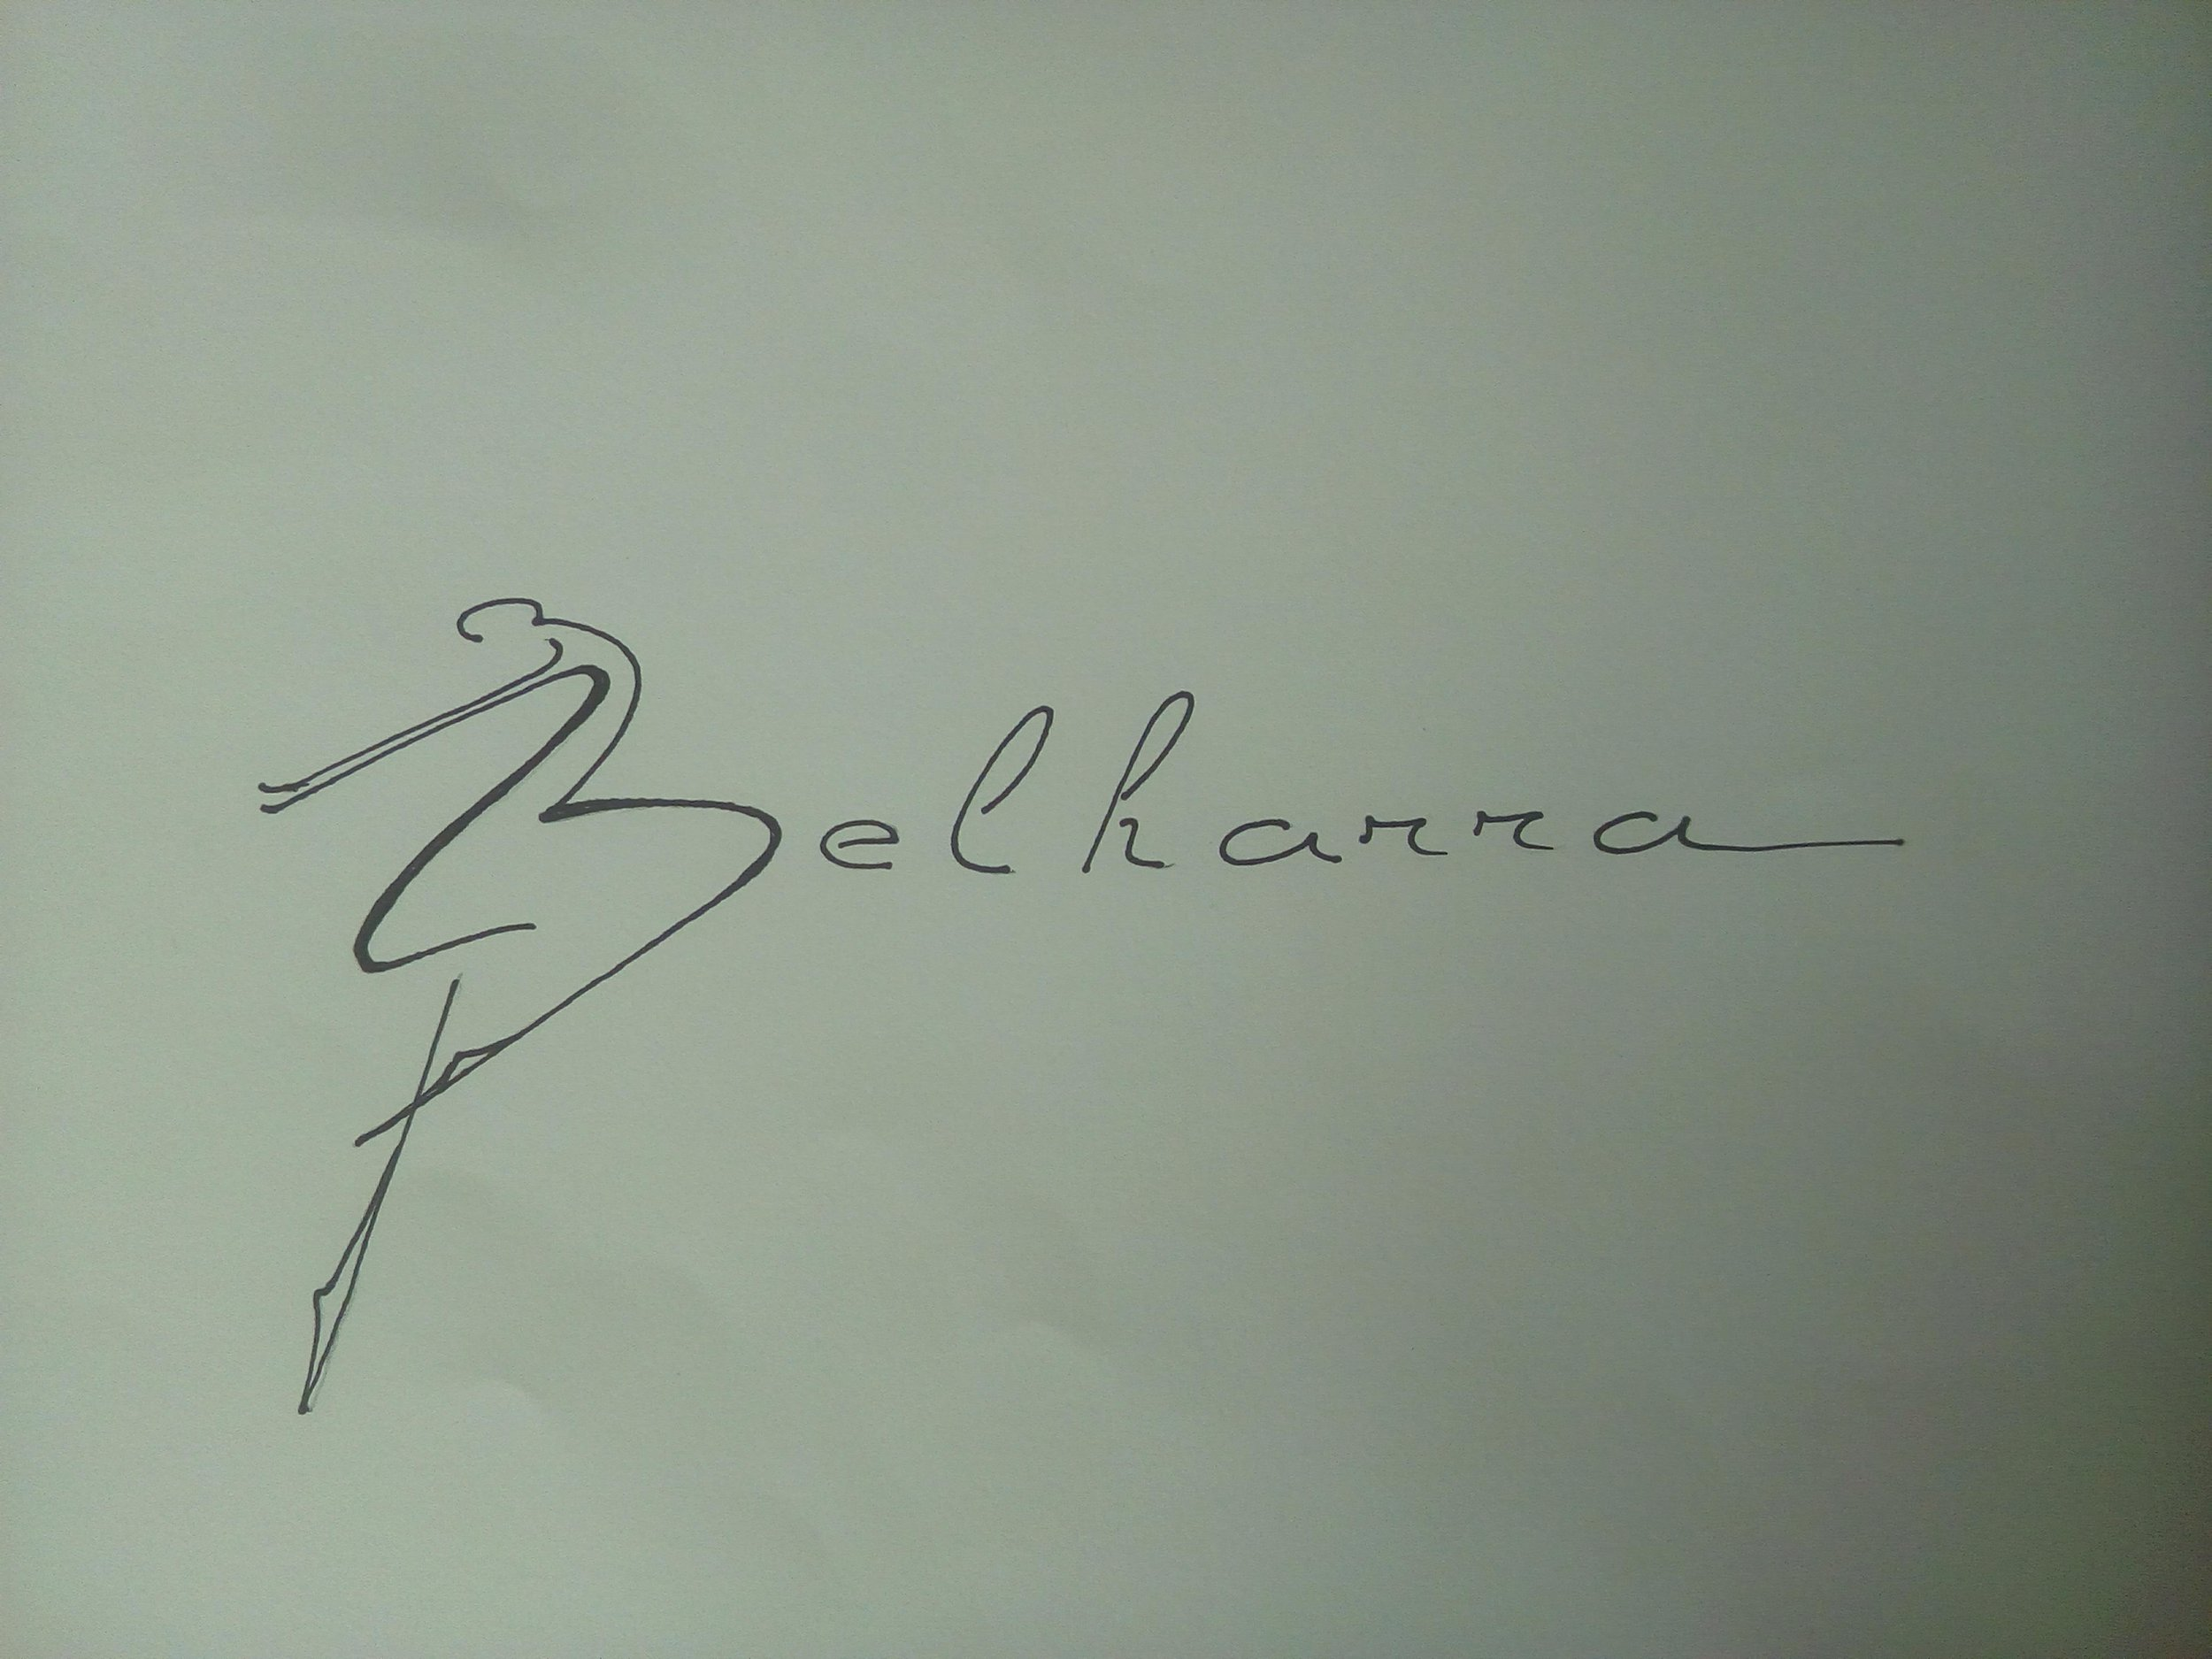 BELHARRA.jpg